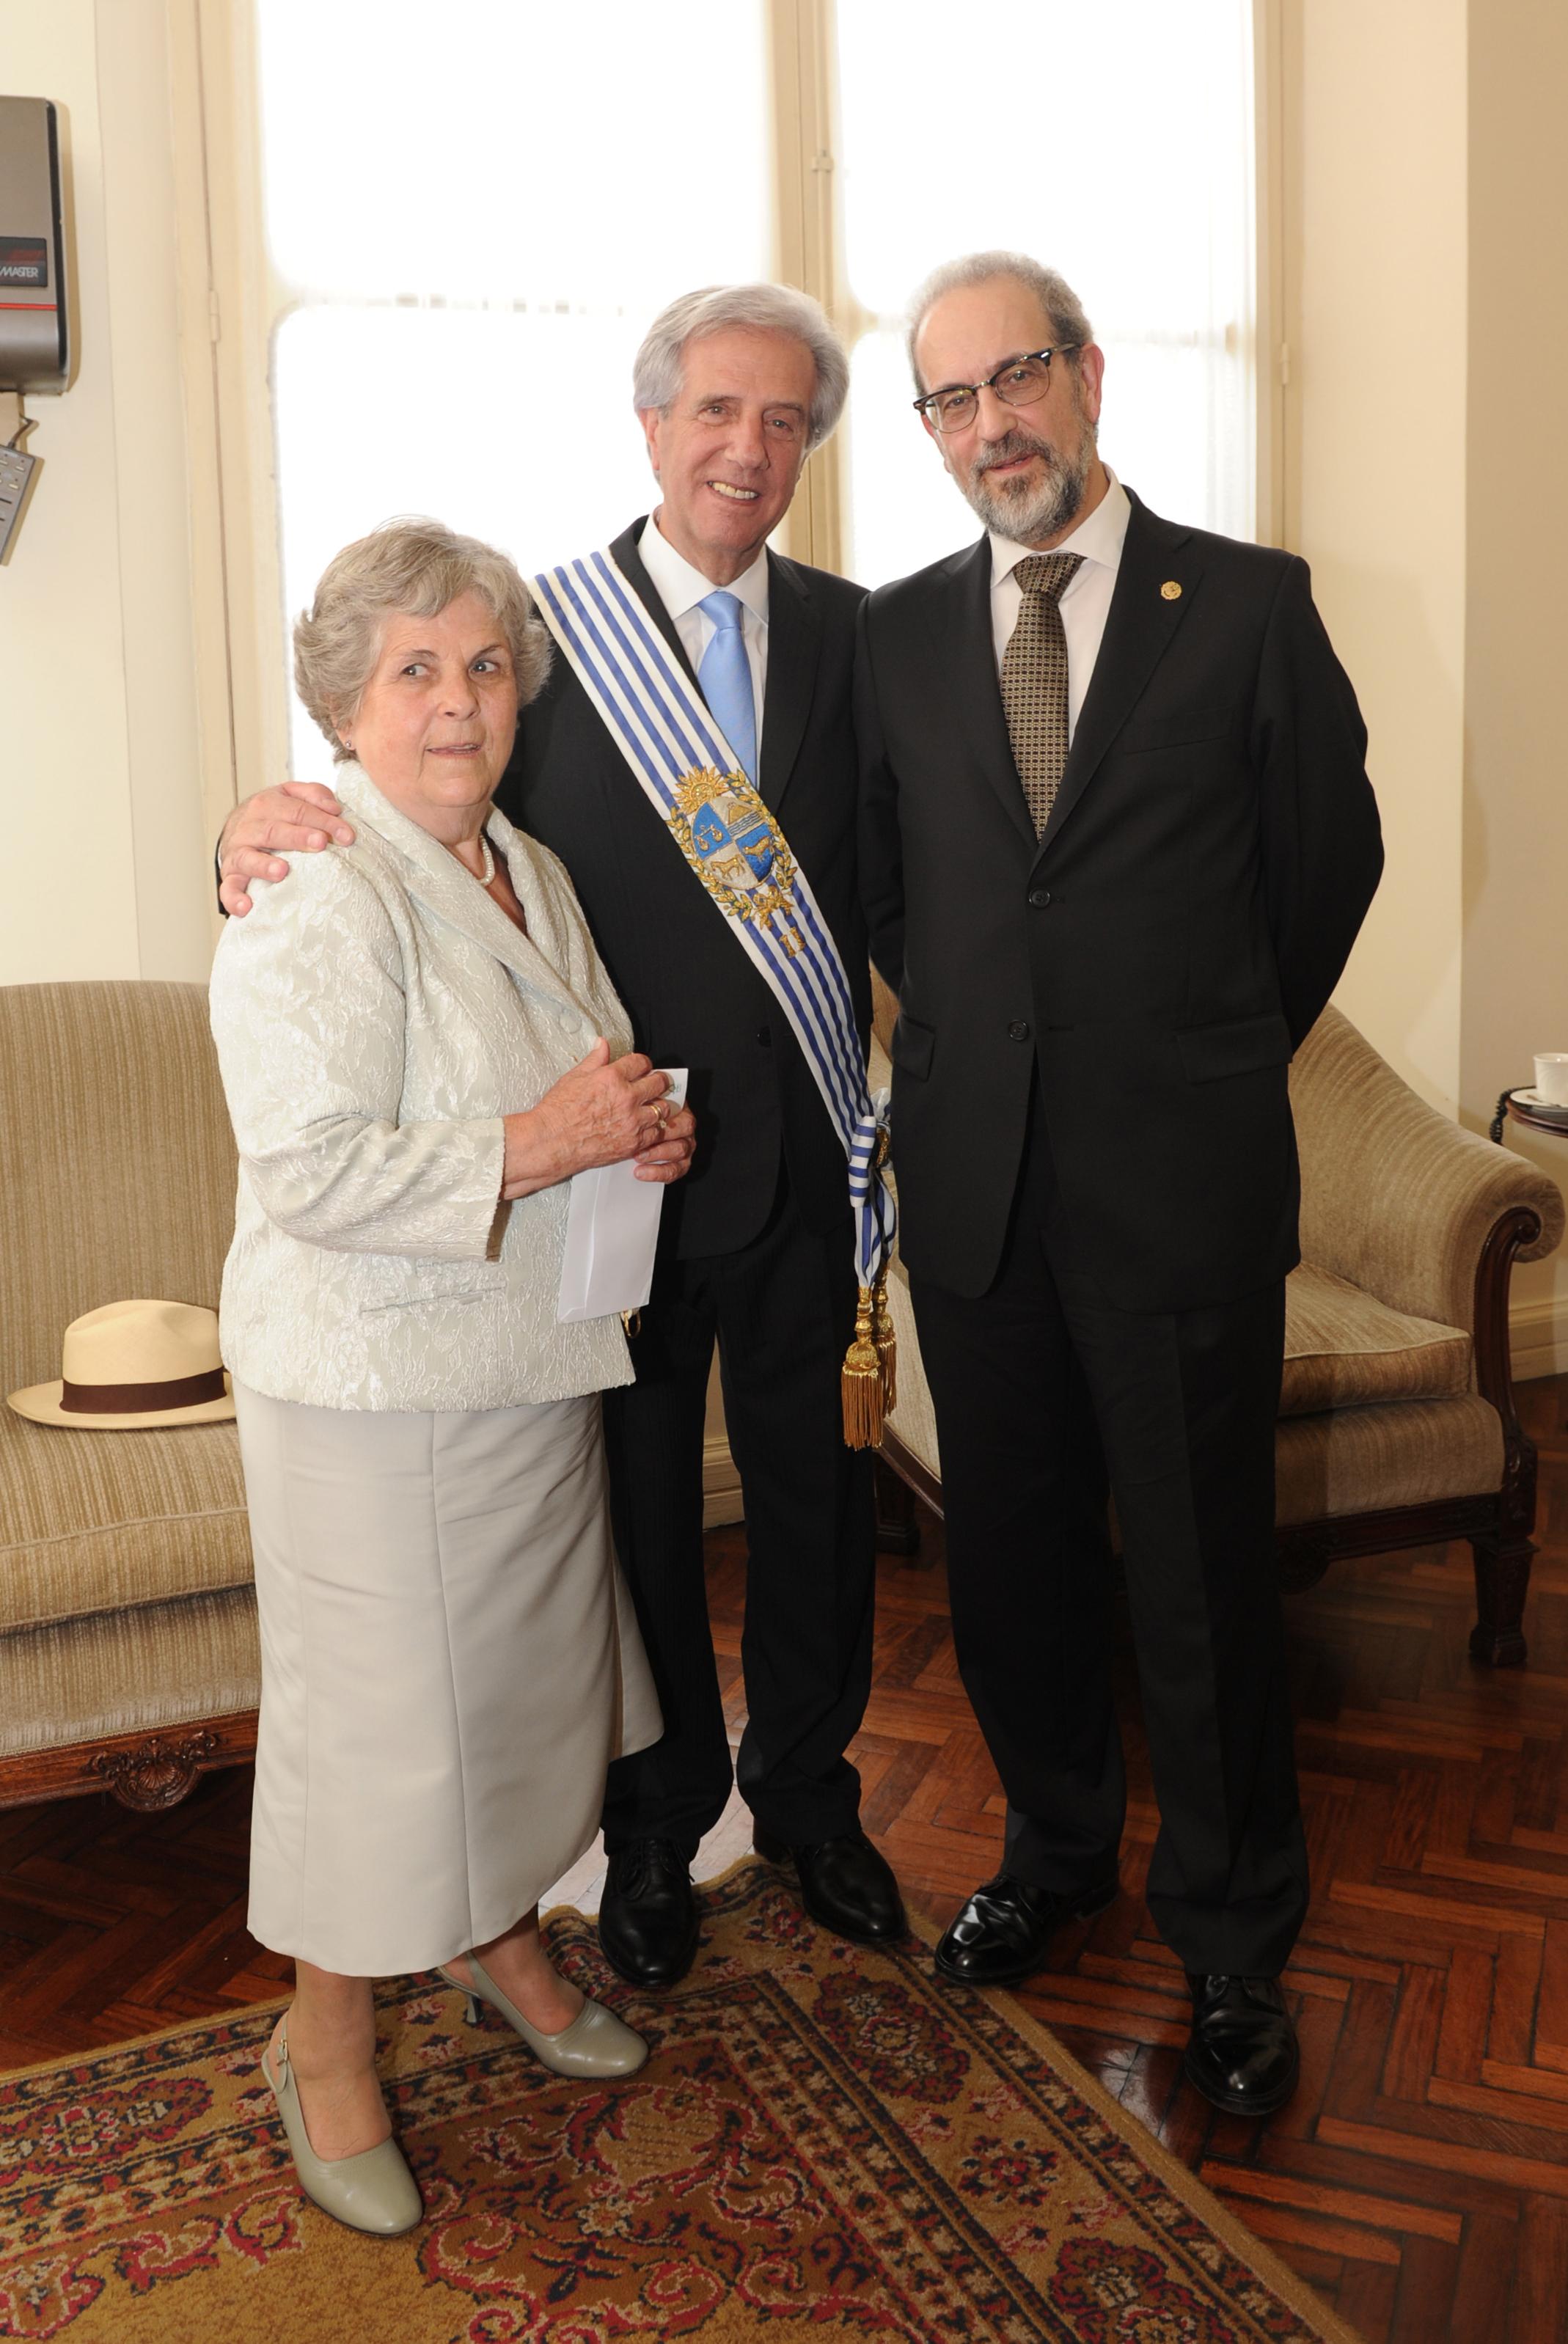 El rector de la Universidad de Salamanca inicia una visita institucional por varias universidades uruguayas, tras asistir a la toma de posesión del presidente Tabaré Vázquez